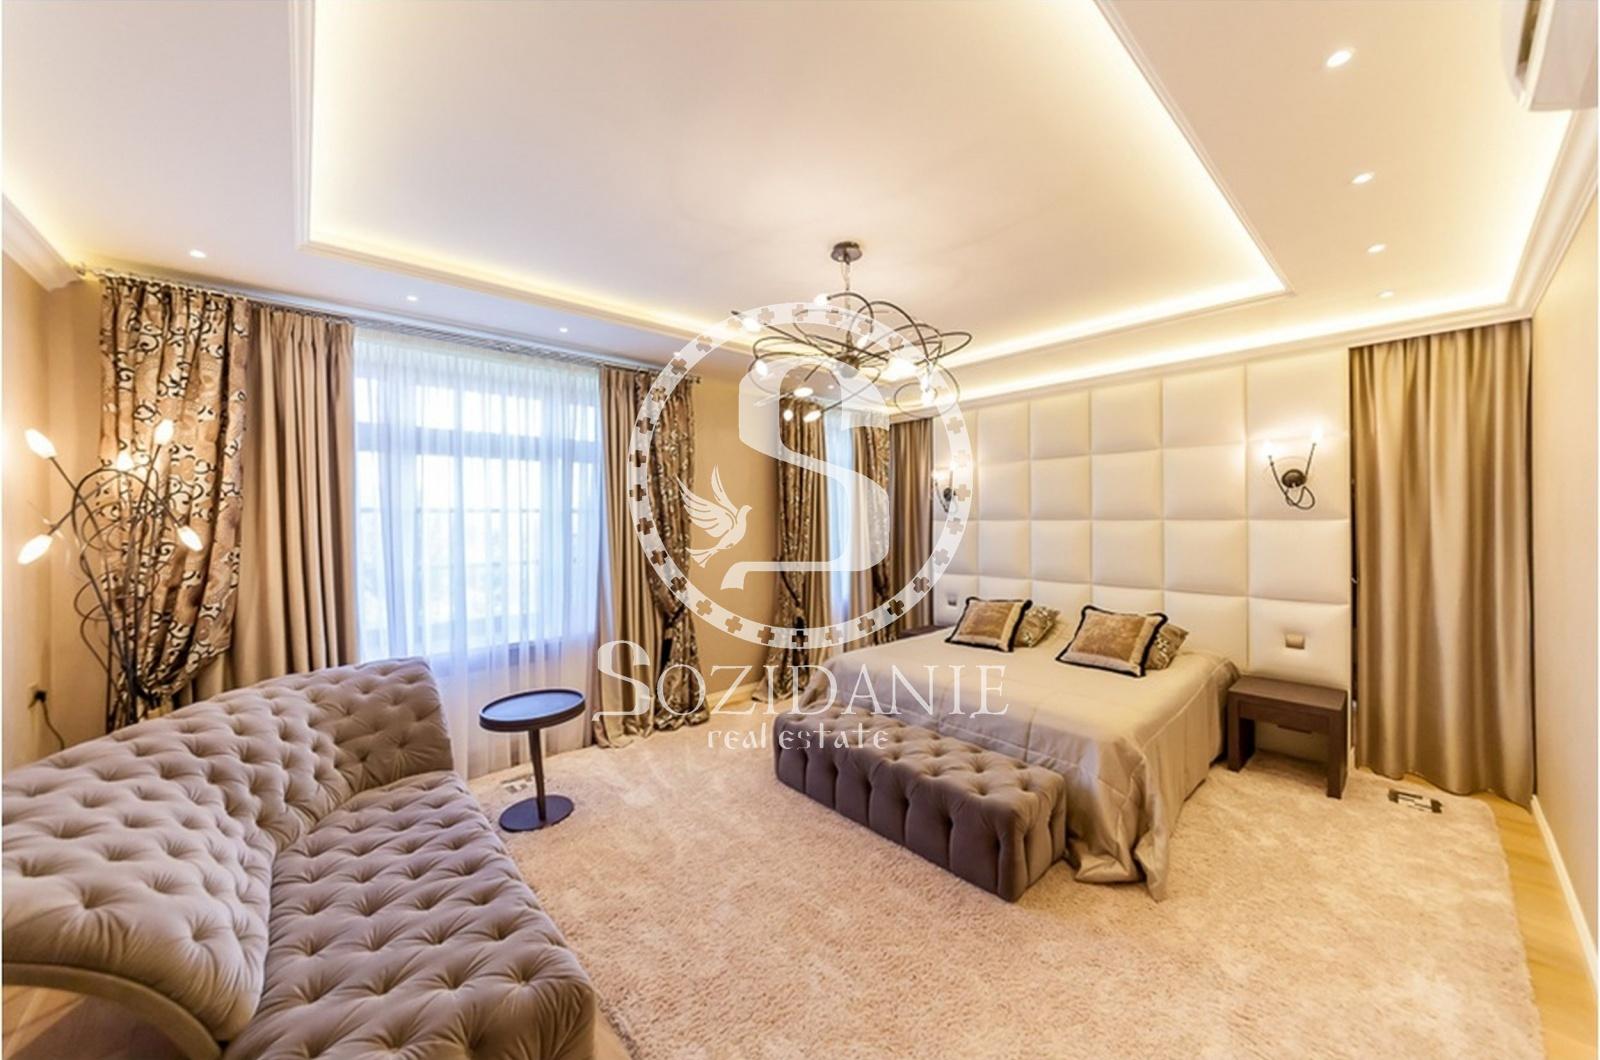 5 Bedrooms, Загородная, Продажа, Listing ID 1462, Московская область, Россия,